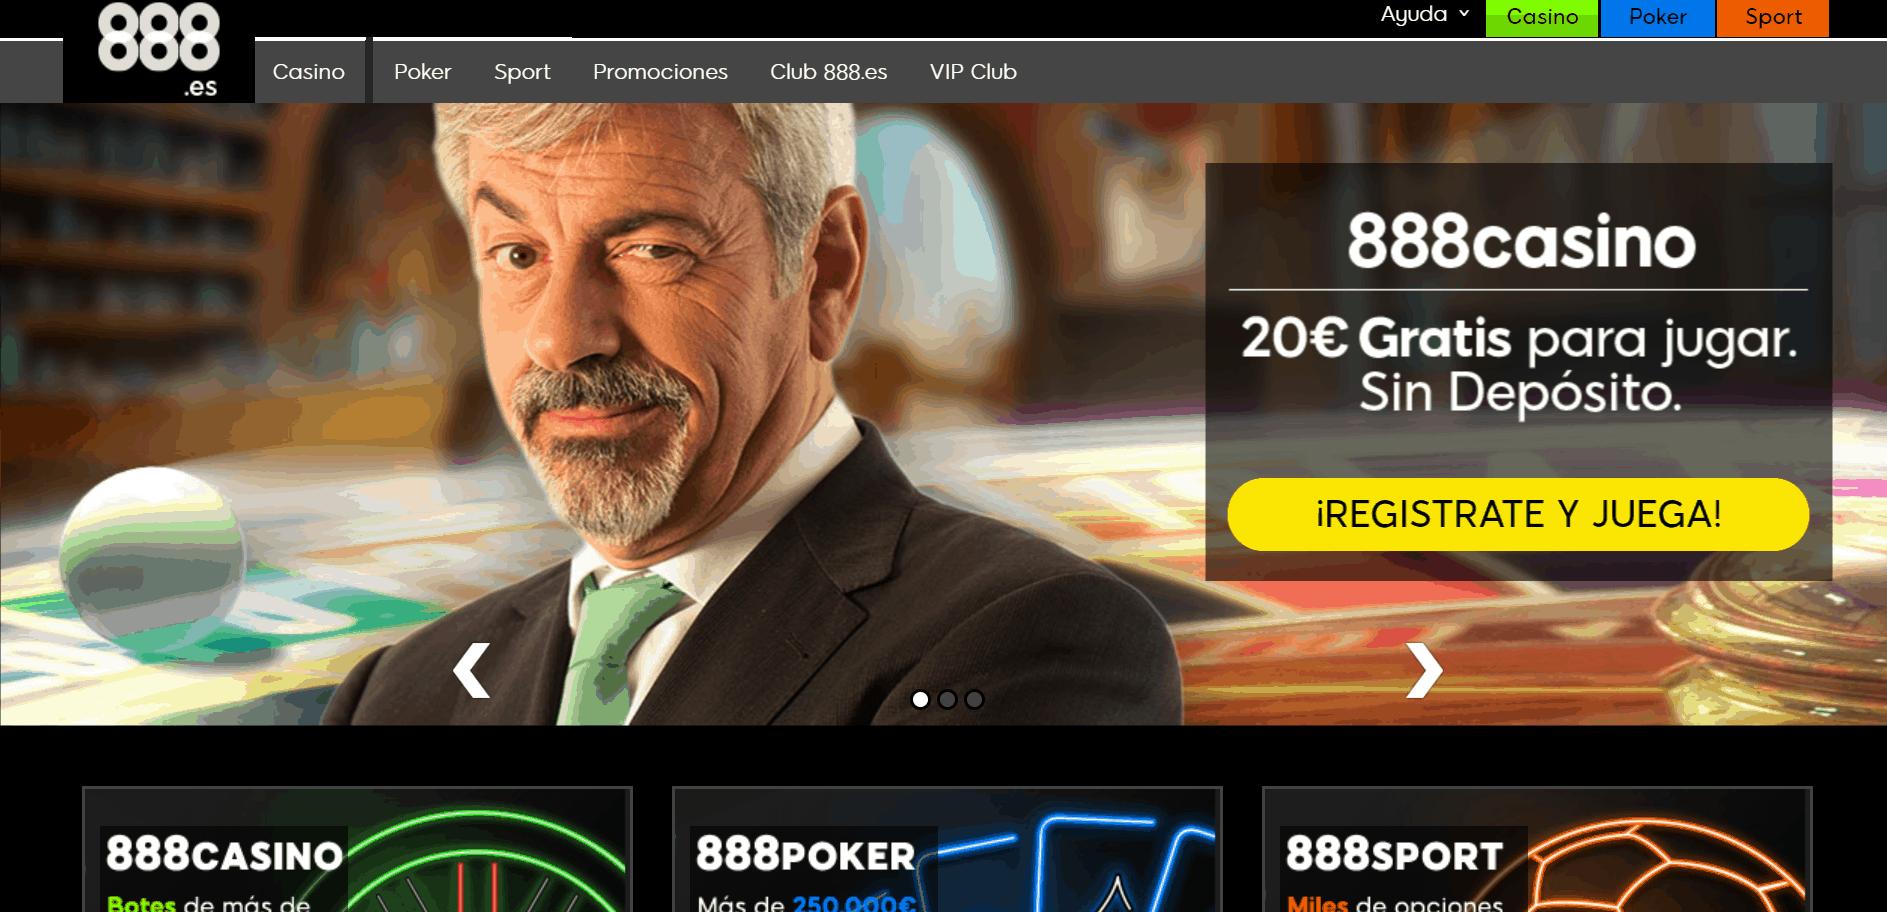 888casino desktop